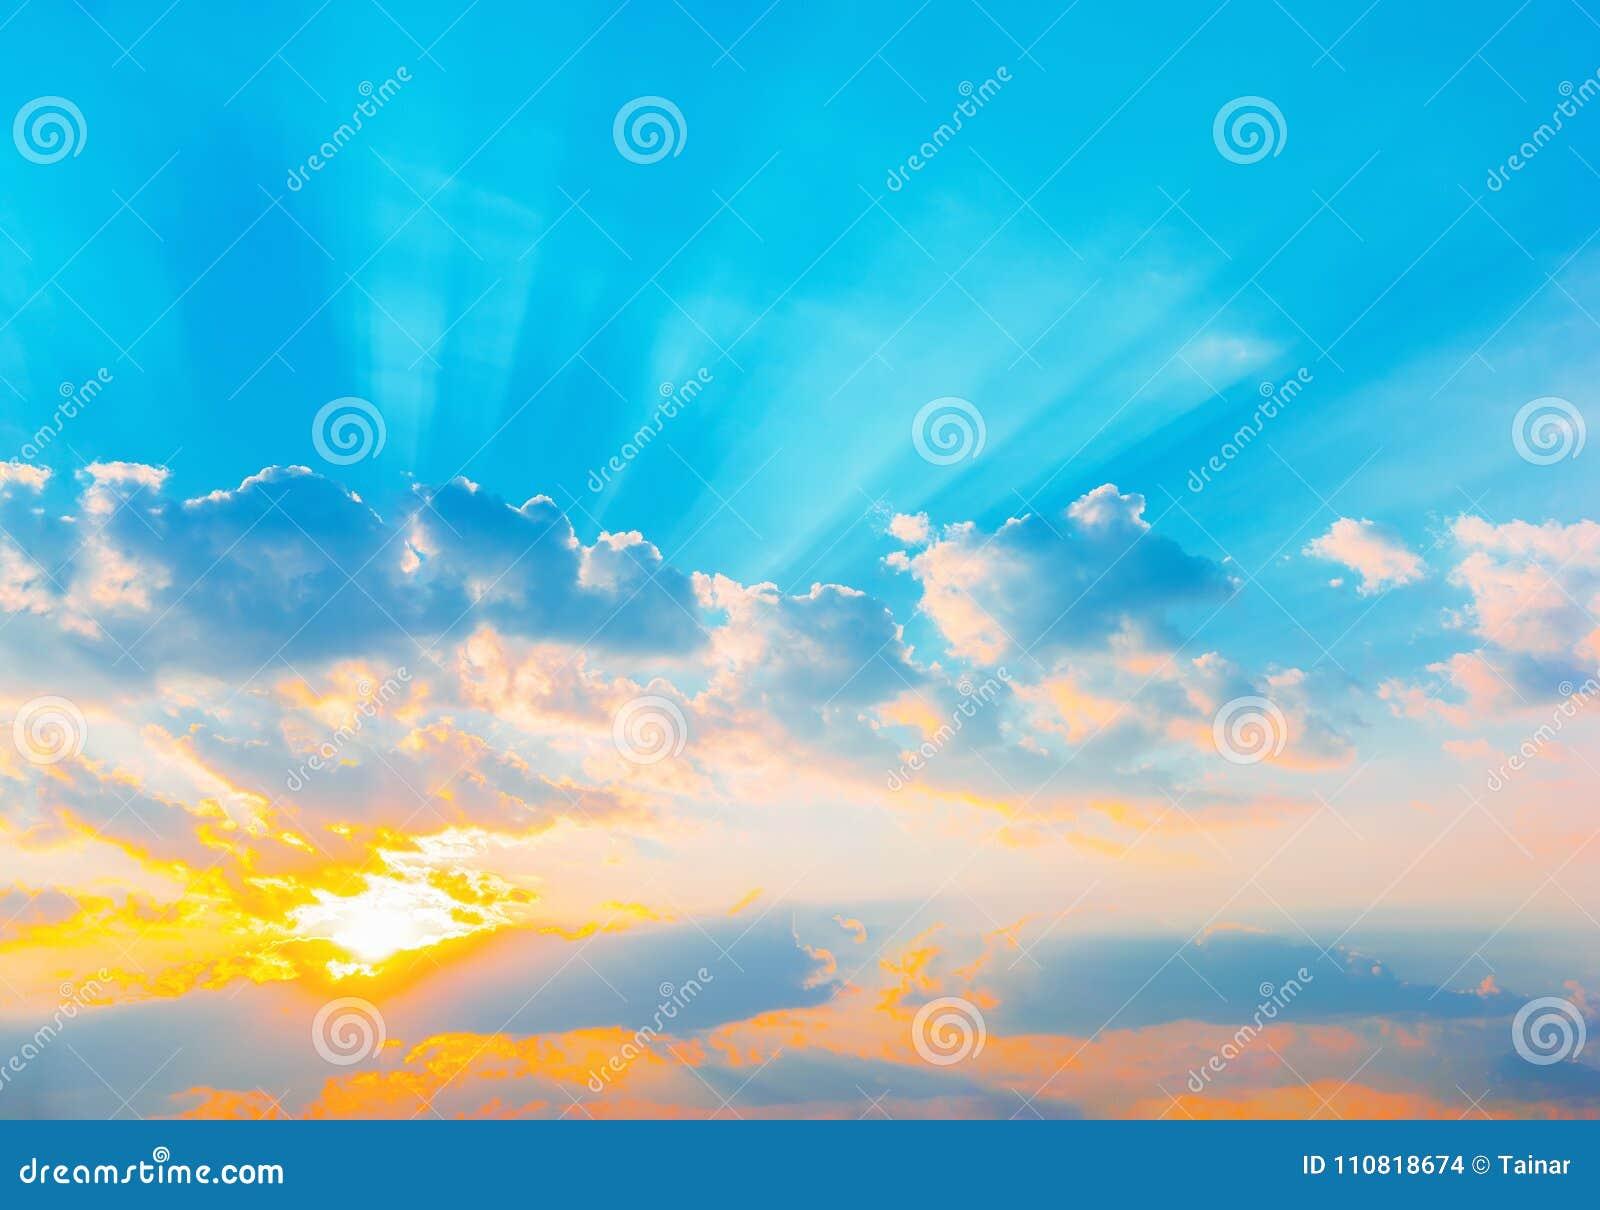 Le ciel bleu dramatique de lever de soleil avec le soleil orange rayonne traverser les nuages Fond de nature Concept d espoir